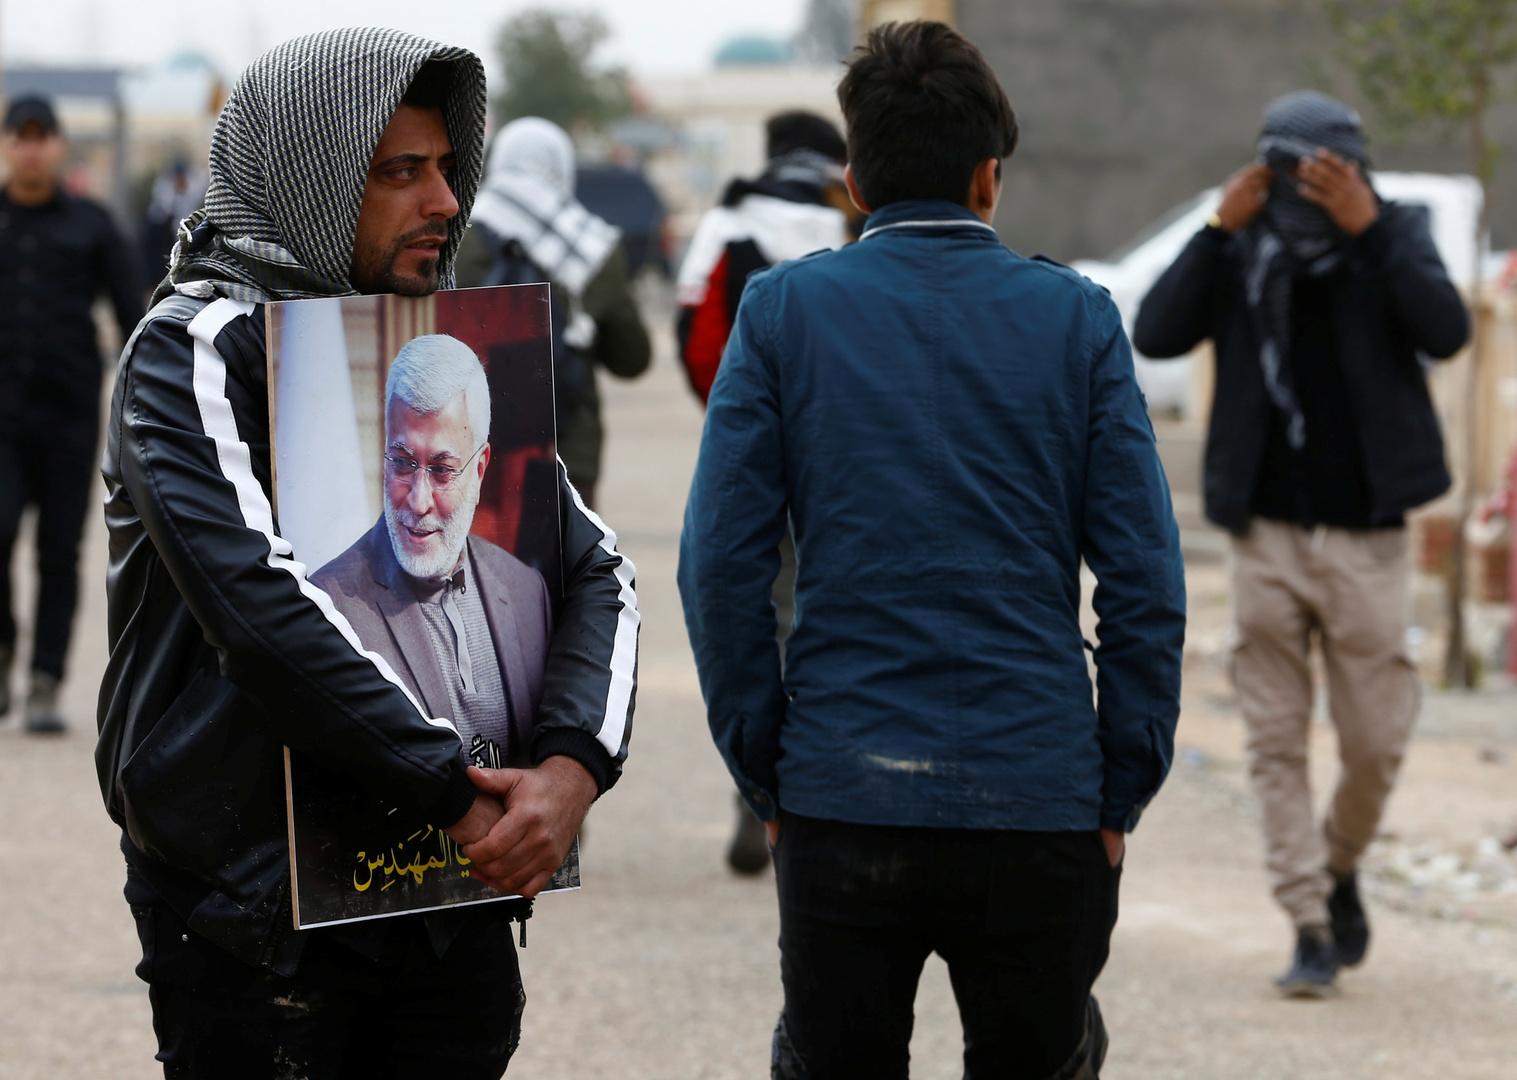 مصدر لـRT: دولتان عربيتان وأخرى أجنبية رفضت فتح السفارات العراقية سجلات تعزية بمقتل المهندس